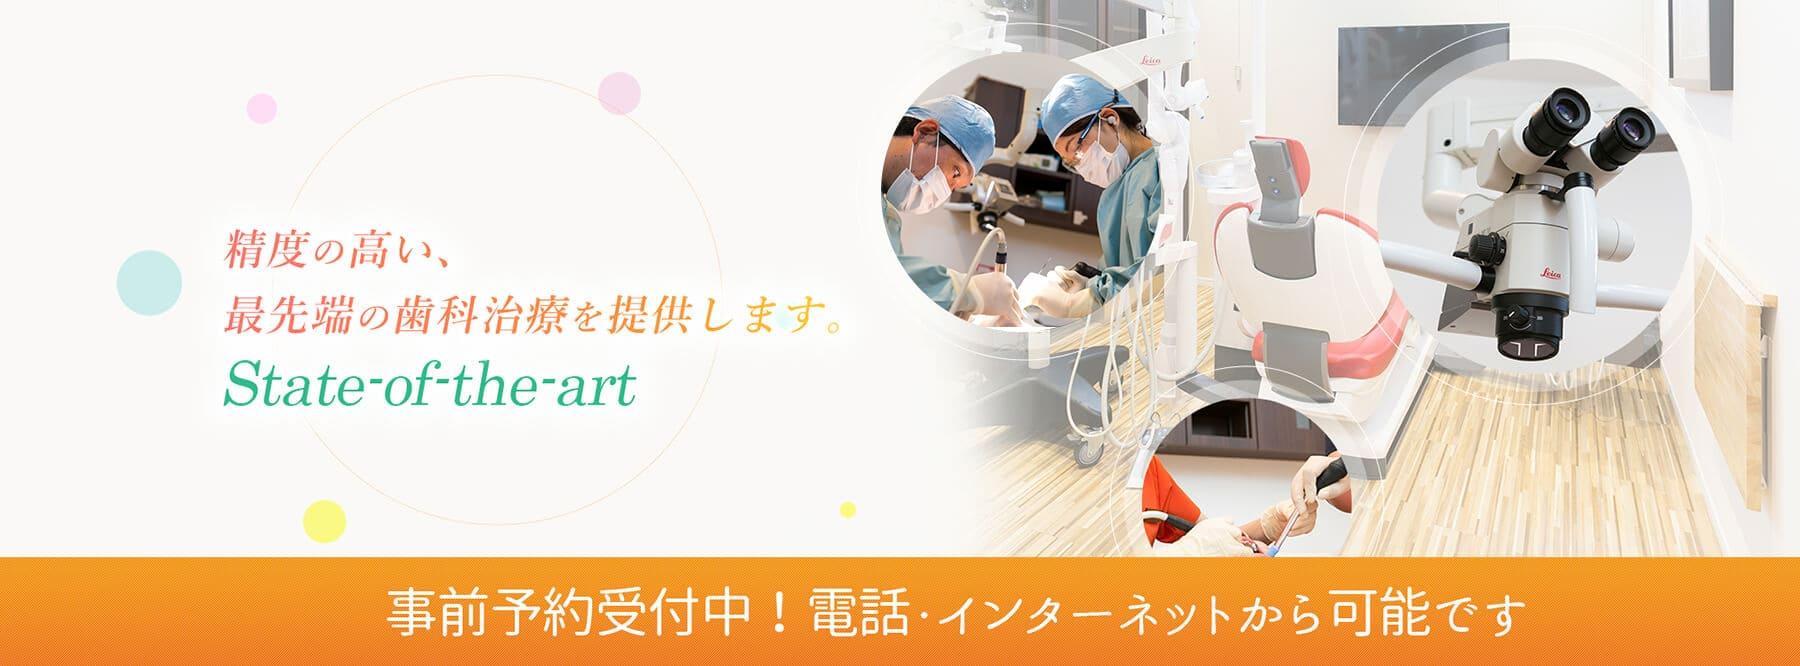 精度の高い、最先端の歯科治療を提供します。